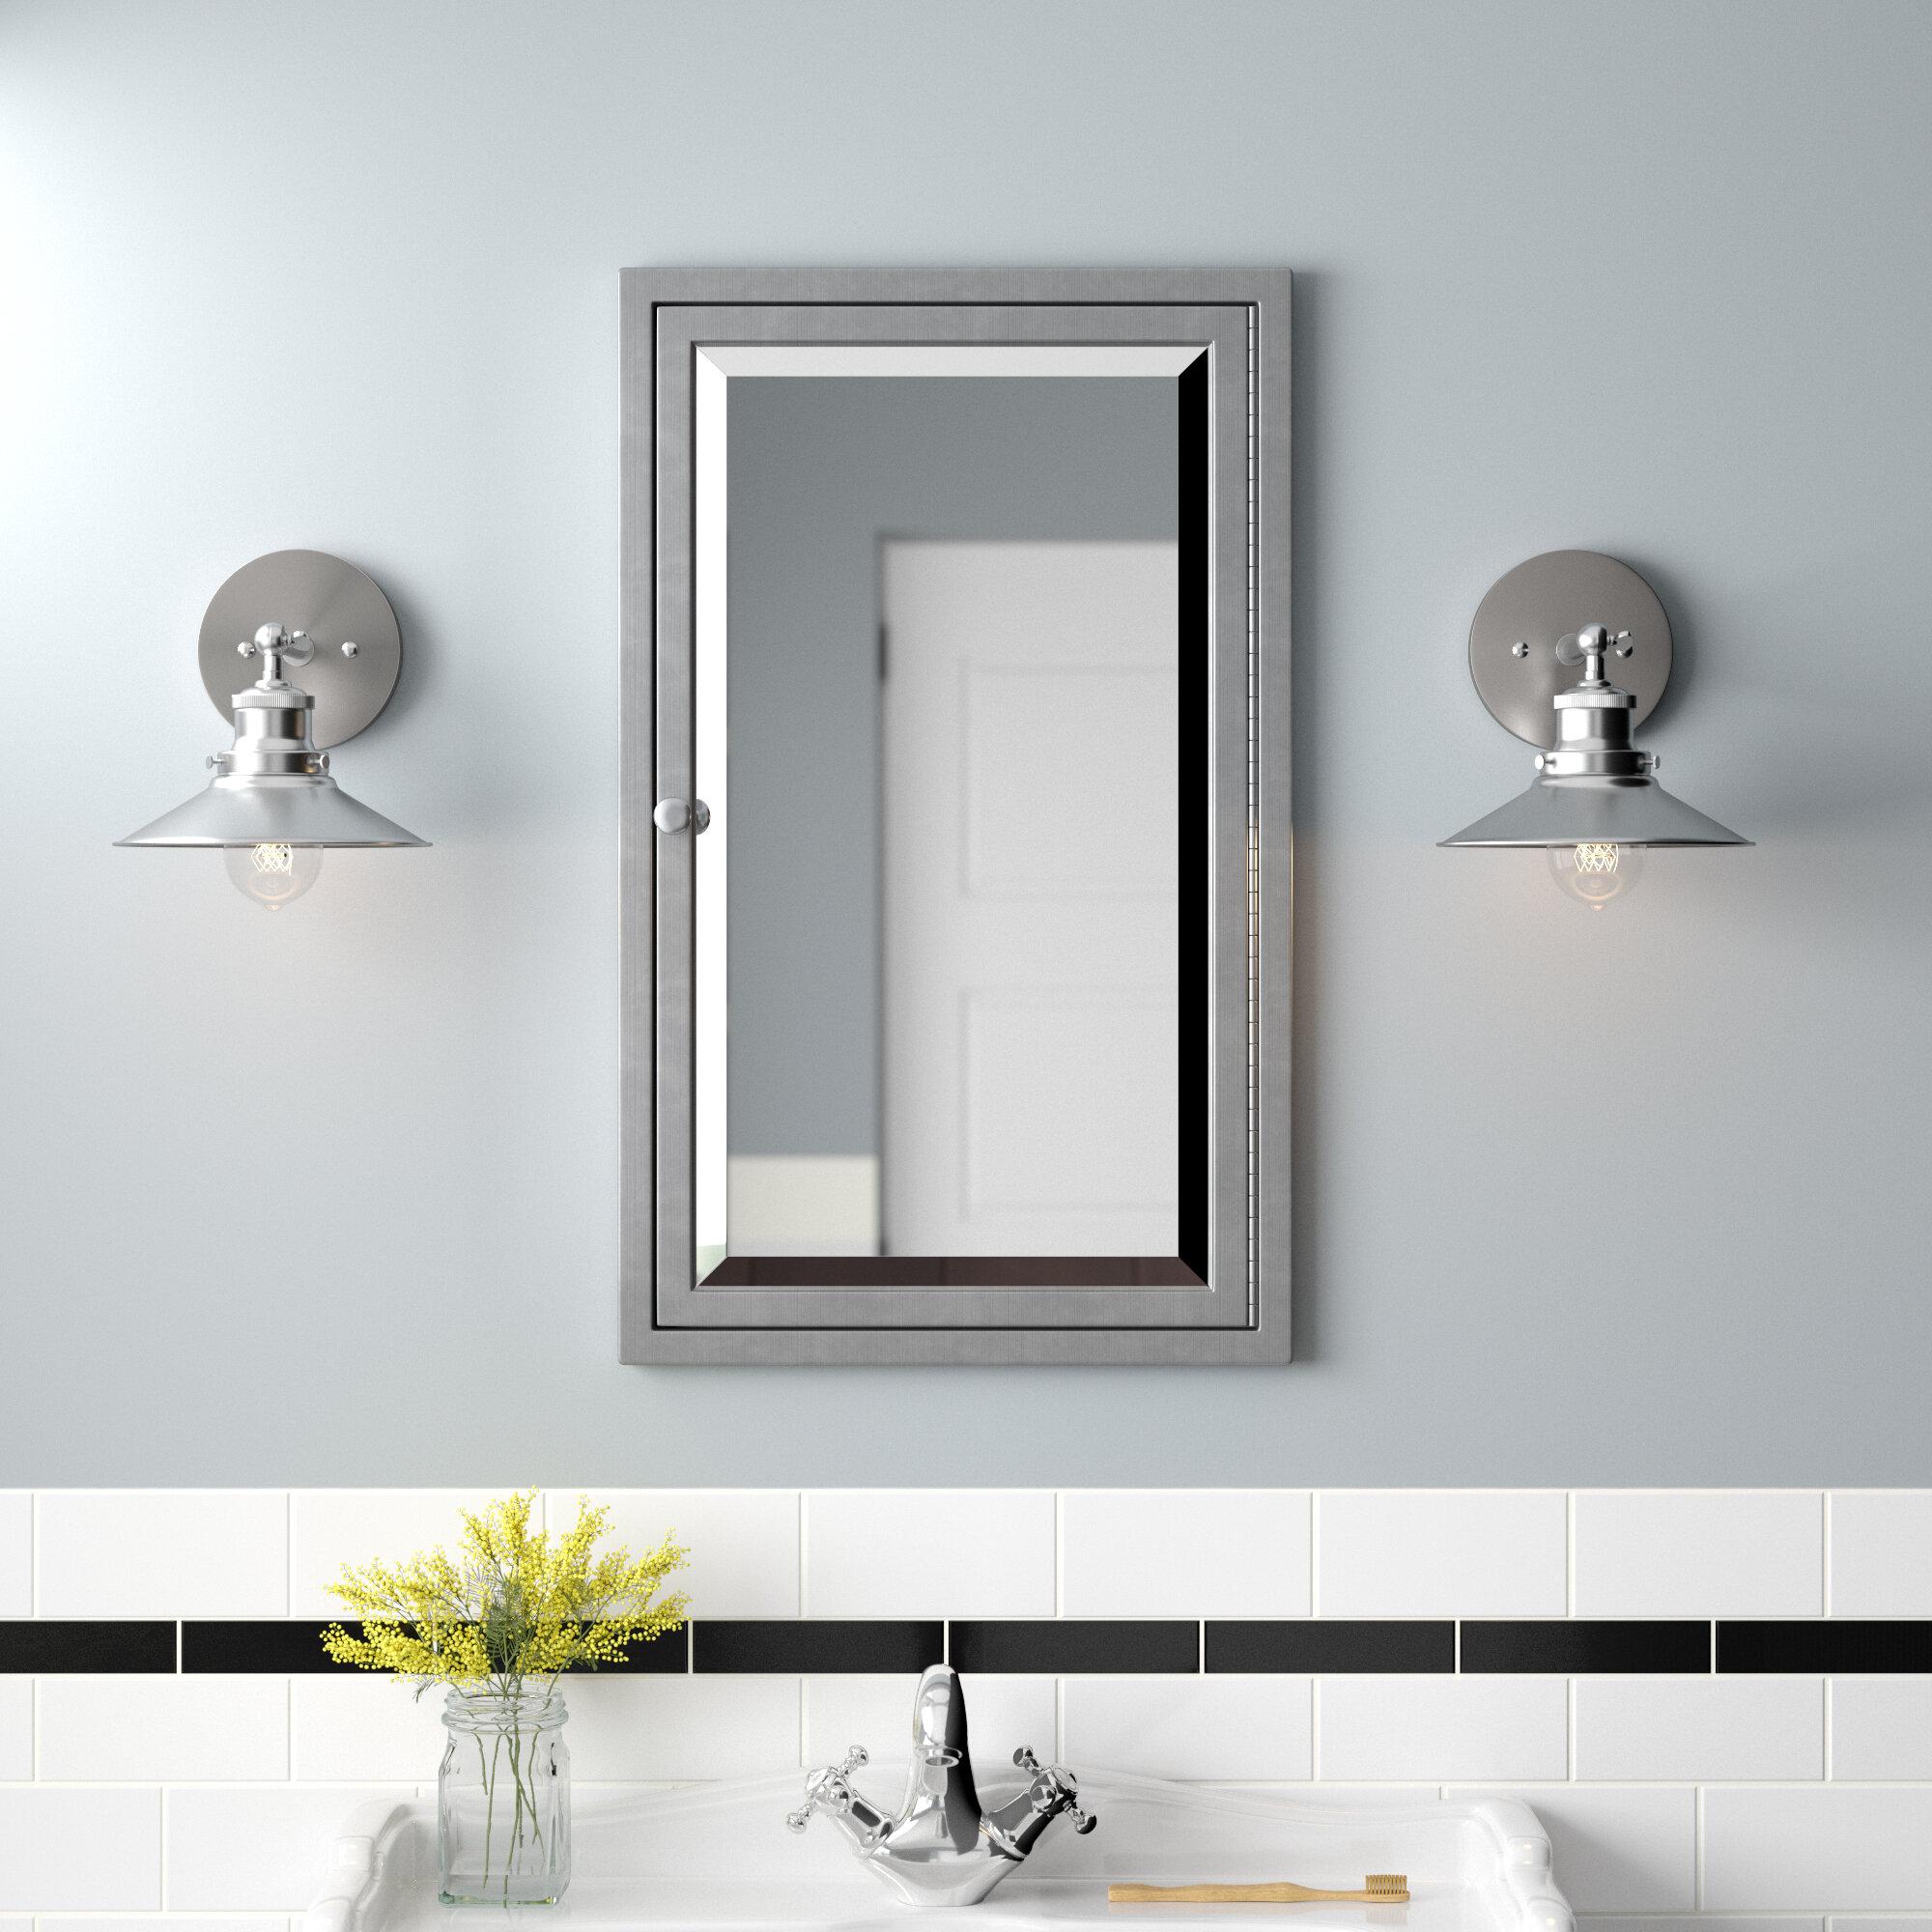 Trent Austin Design Gould Recessed Framed Medicine Cabinet With 3 Adjustable Shelves Reviews